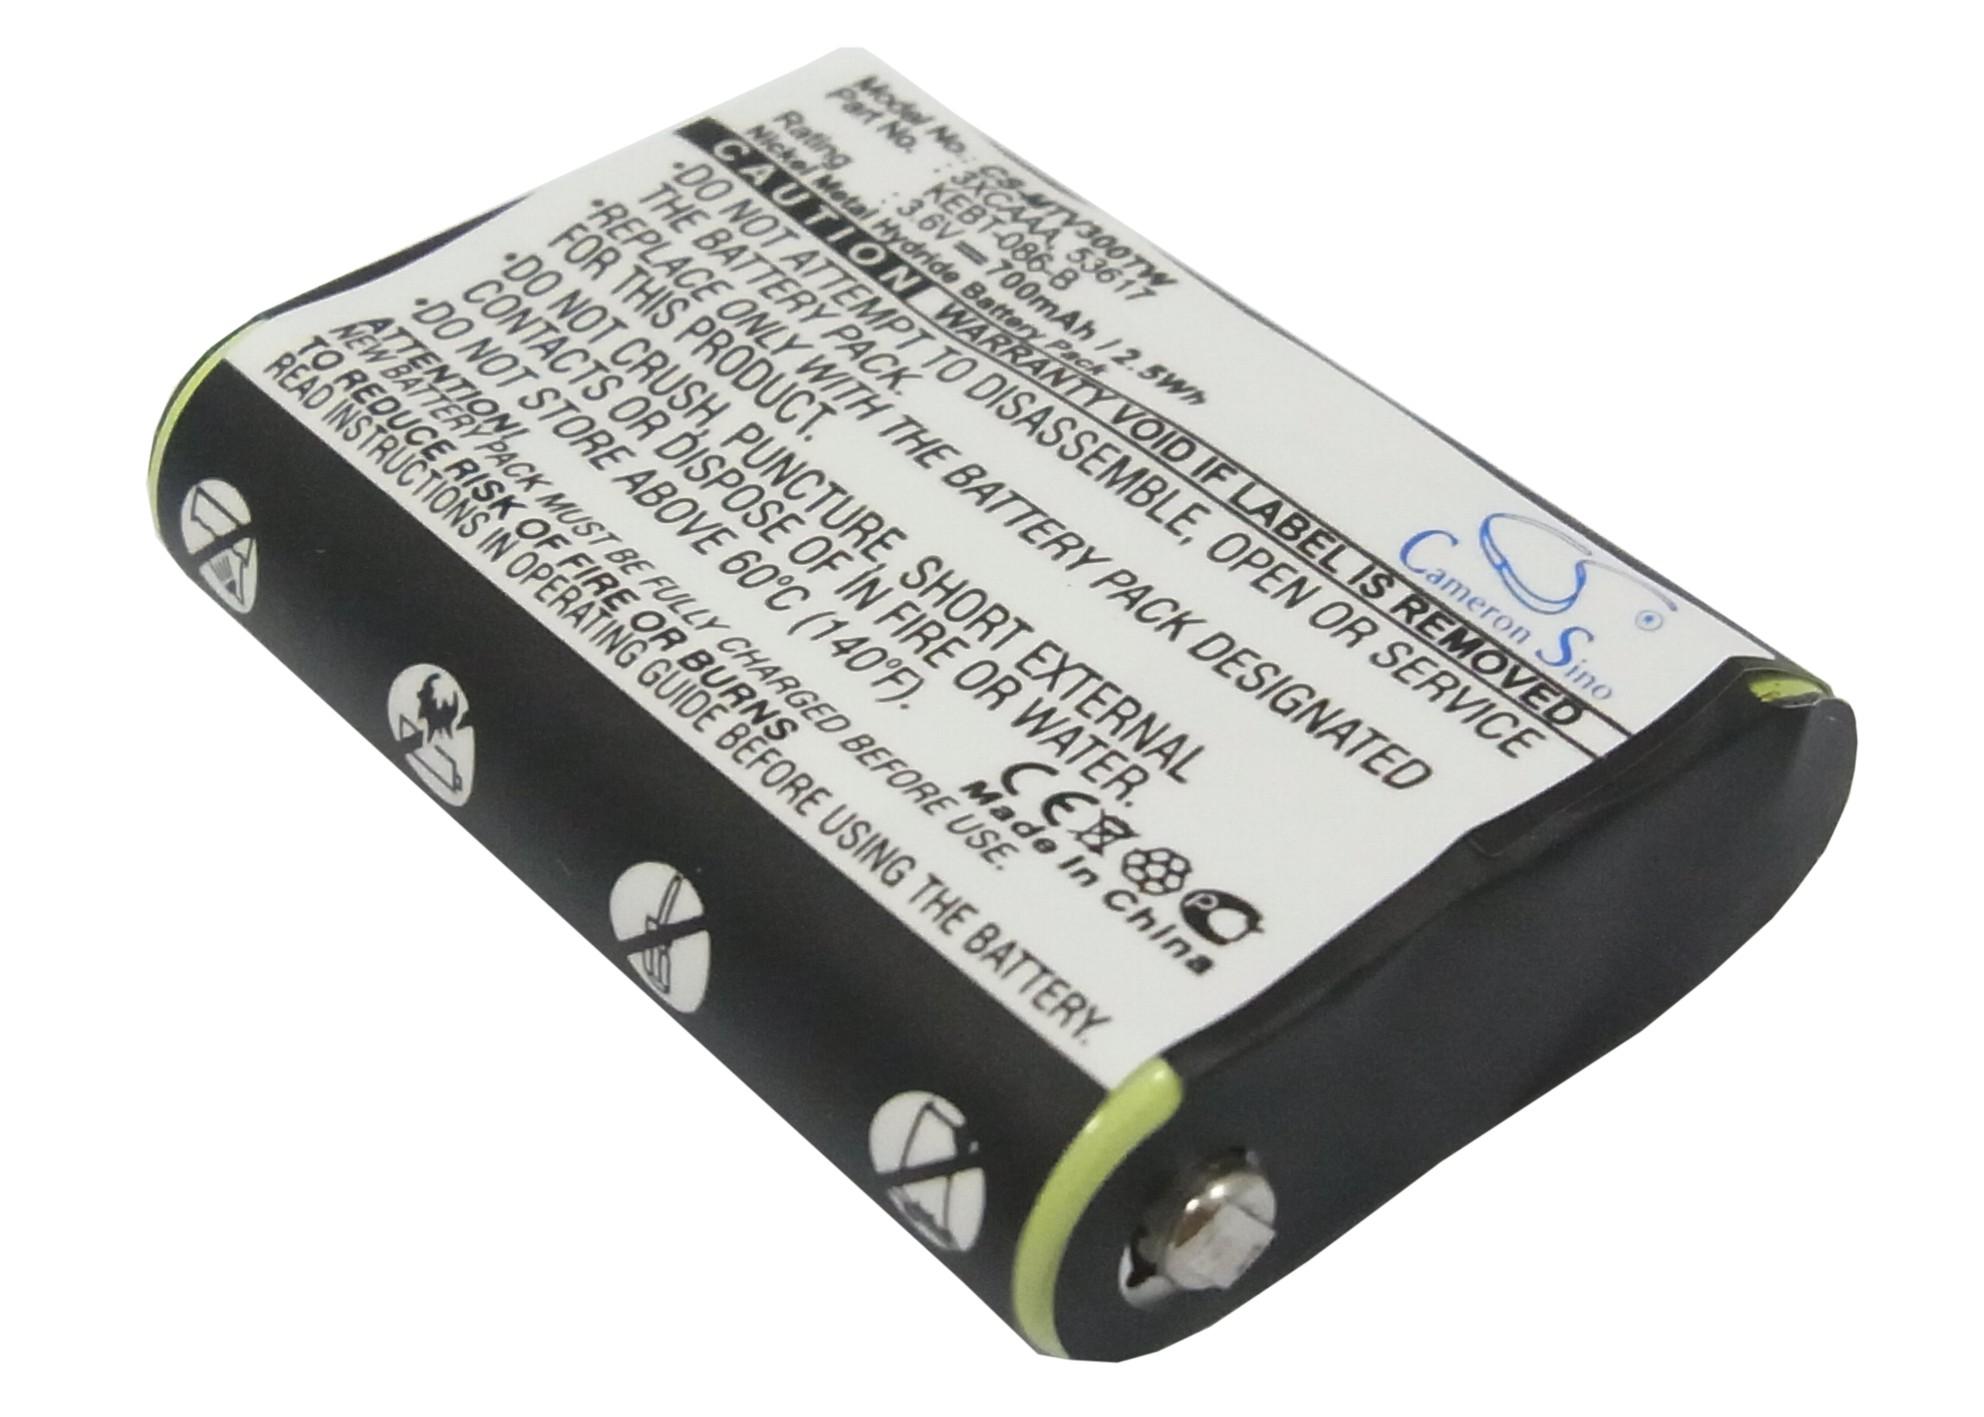 Cameron Sino baterie do vysílaček pro MOTOROLA FV500 3.6V Ni-MH 700mAh černá - neoriginální